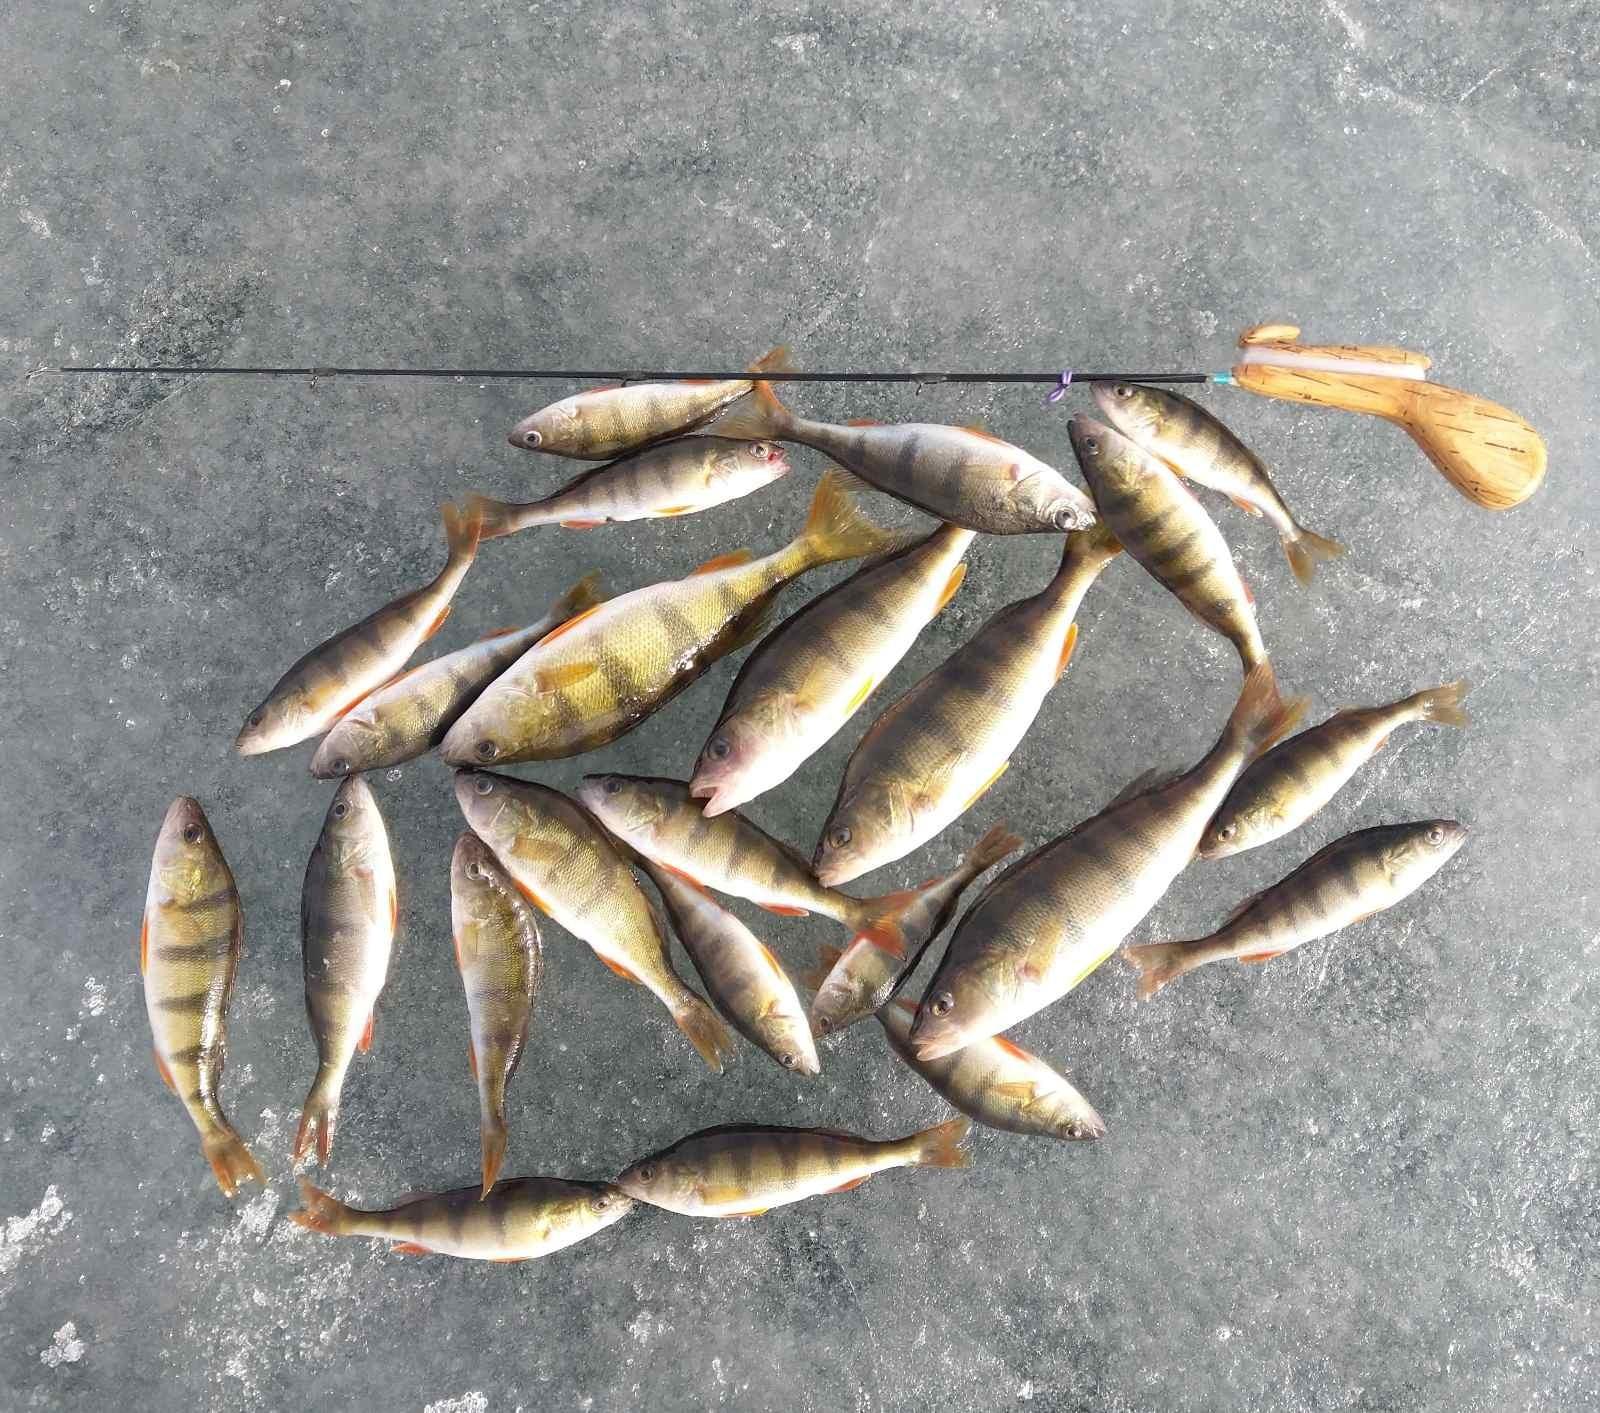 Вчера выбрались компанией из 5 человек на Нарочь ...   Отчеты о рыбалке в Беларуси